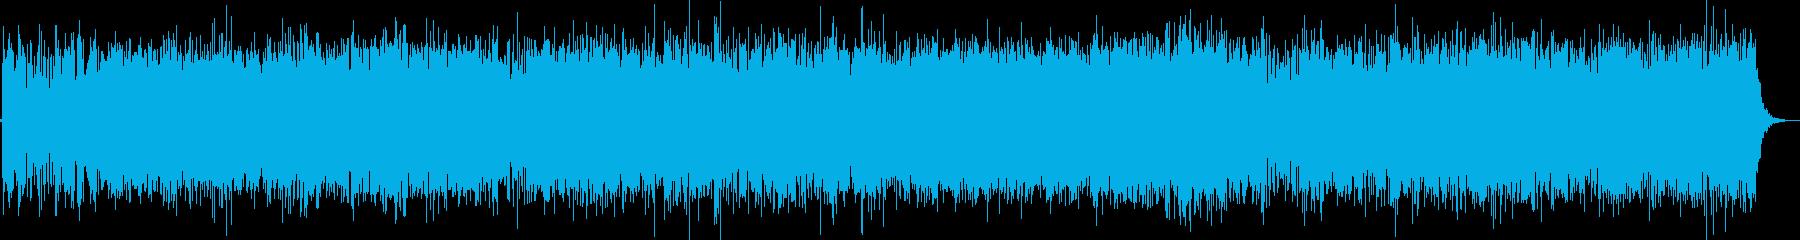 大河ドラマのオープニング風 和風な楽曲の再生済みの波形